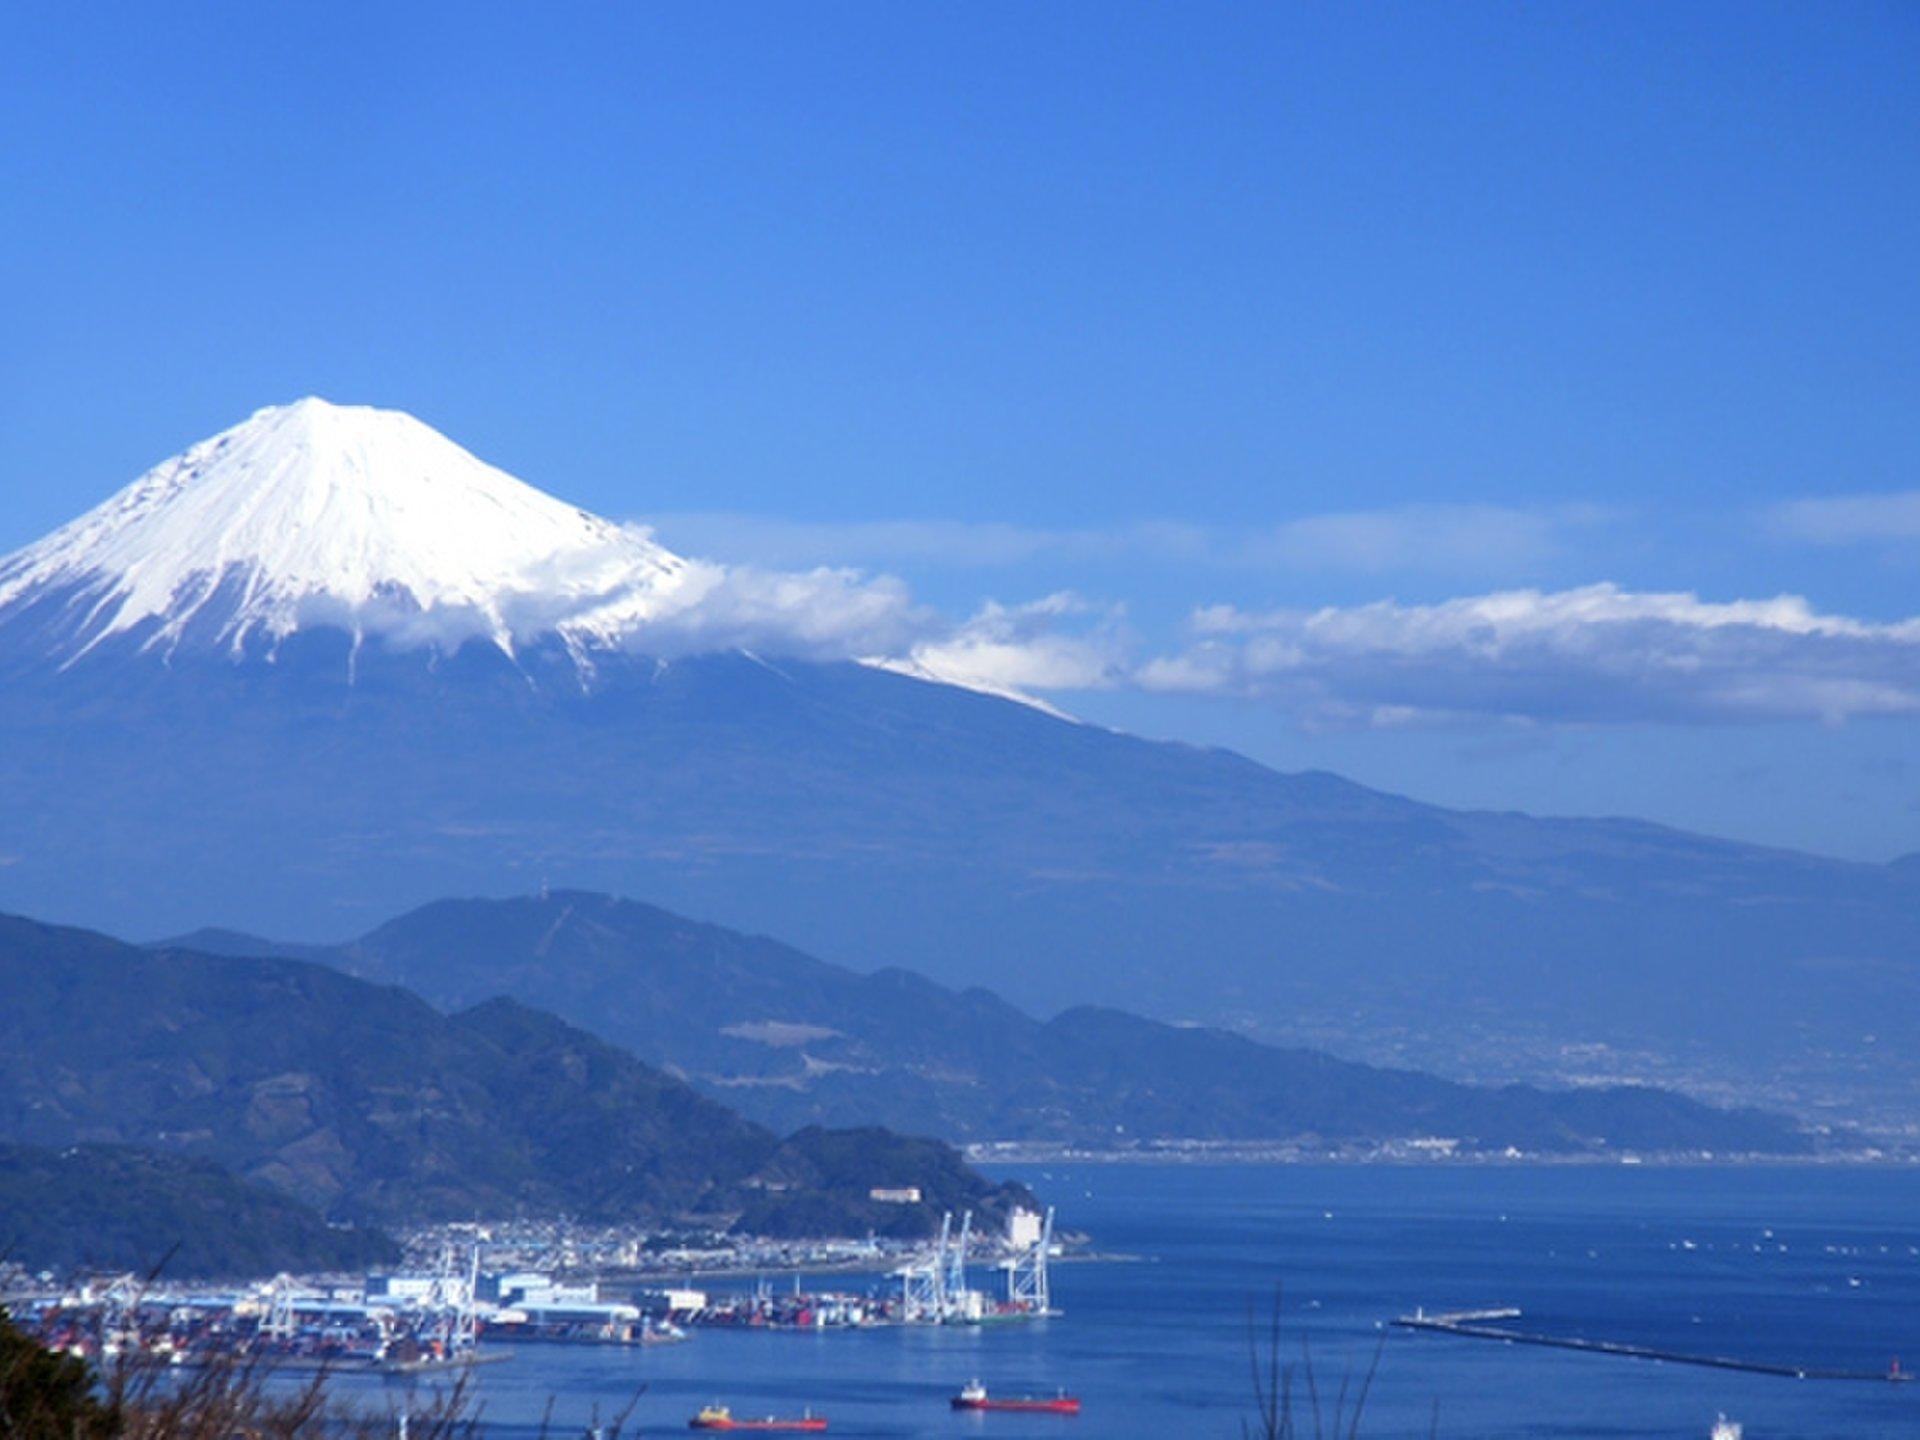 静岡県・日本平 迫力の動物園をめぐり、静岡おでんを食す【久能山東照宮、日本平ホテル、海ぼうず】